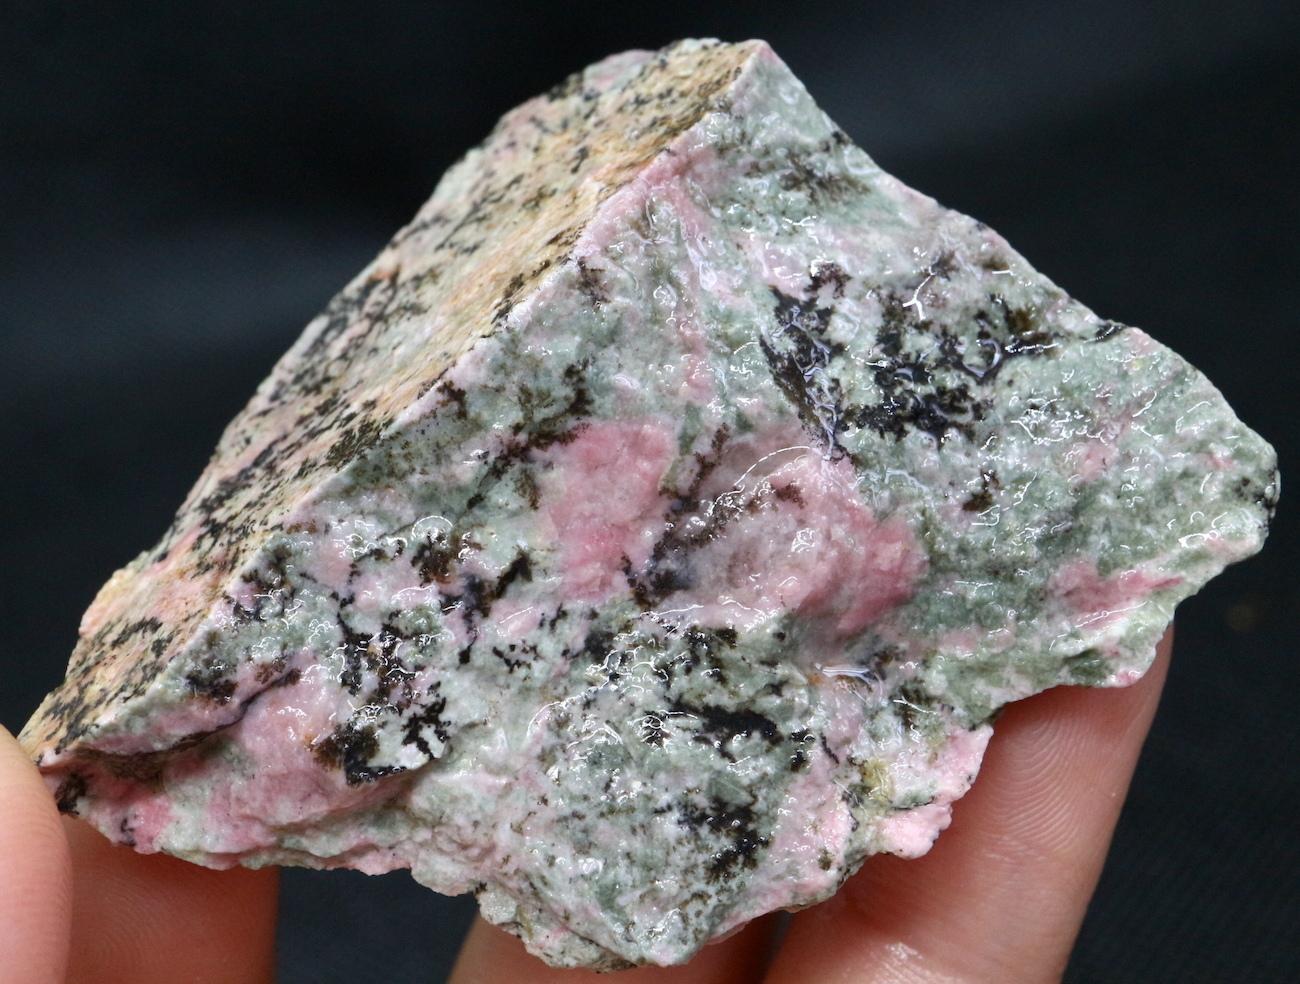 桃簾石 チューライト 53g TLT002  鉱物 天然石 パワーストーン 原石